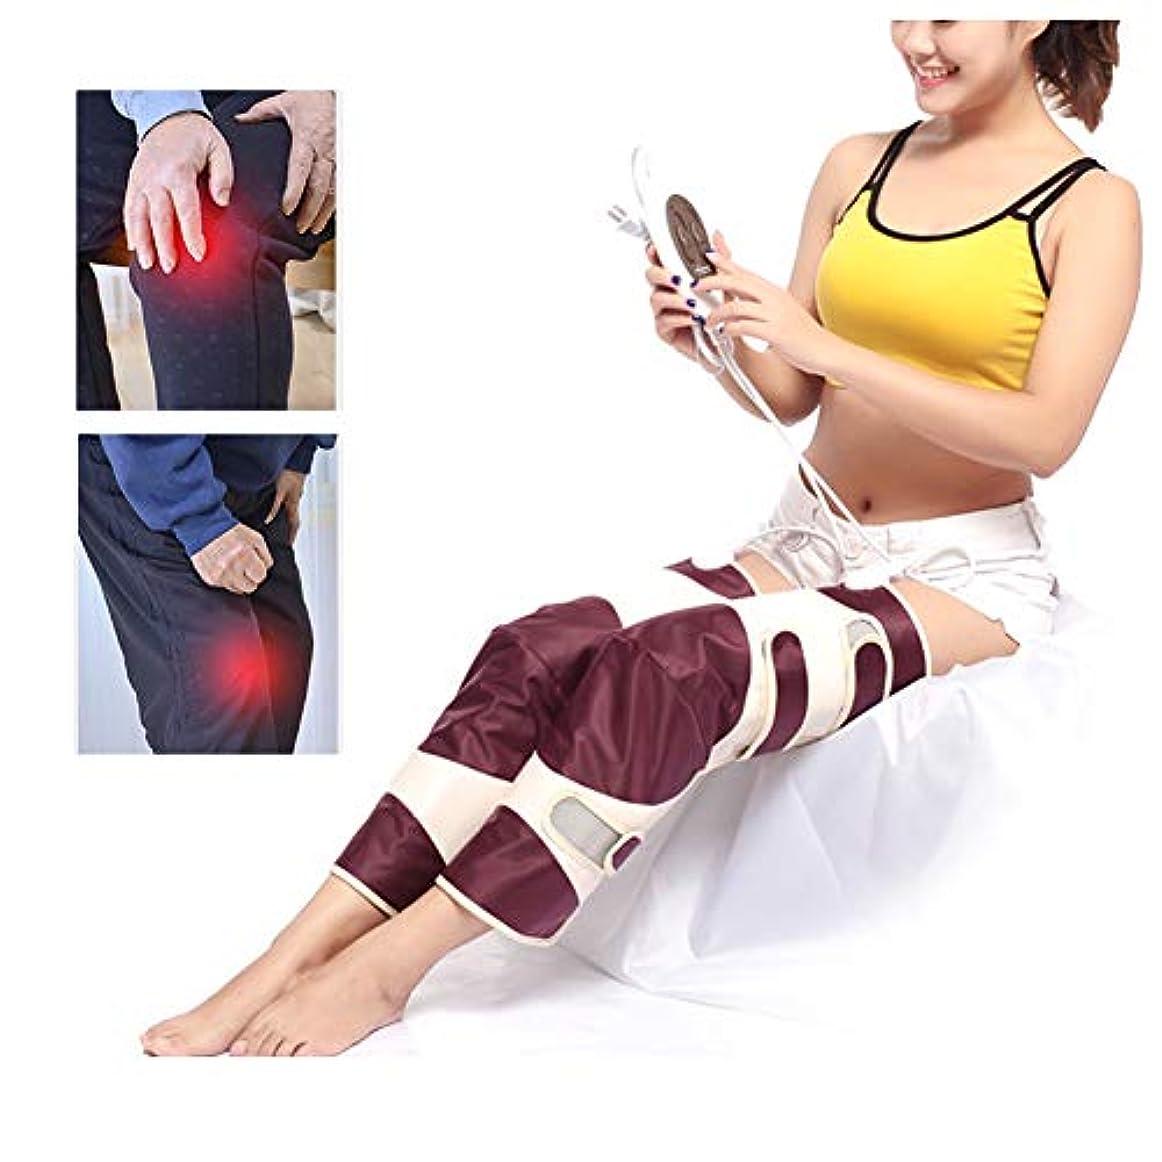 雨の場所機知に富んだ膝の怪我、痛みを軽減するための電気加熱膝ブレースサポート - 膝温かいラップ加熱パッド - 遠赤外線治療マッサージャー